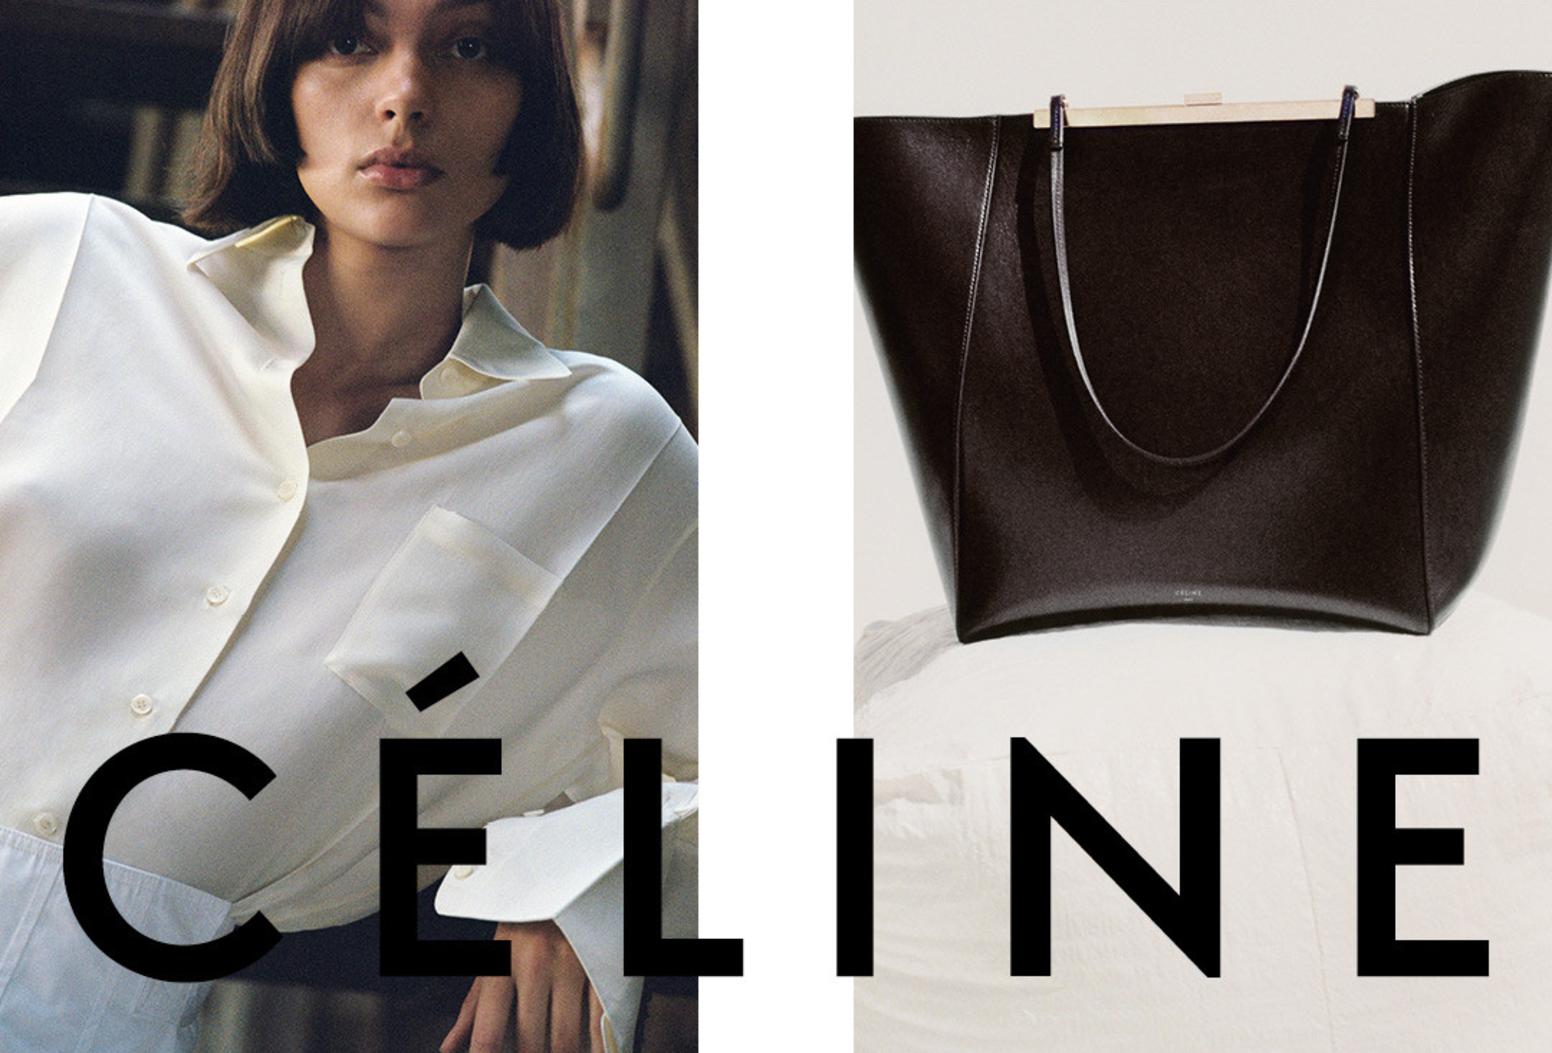 Trini | Céline Fall 2017 Campaign